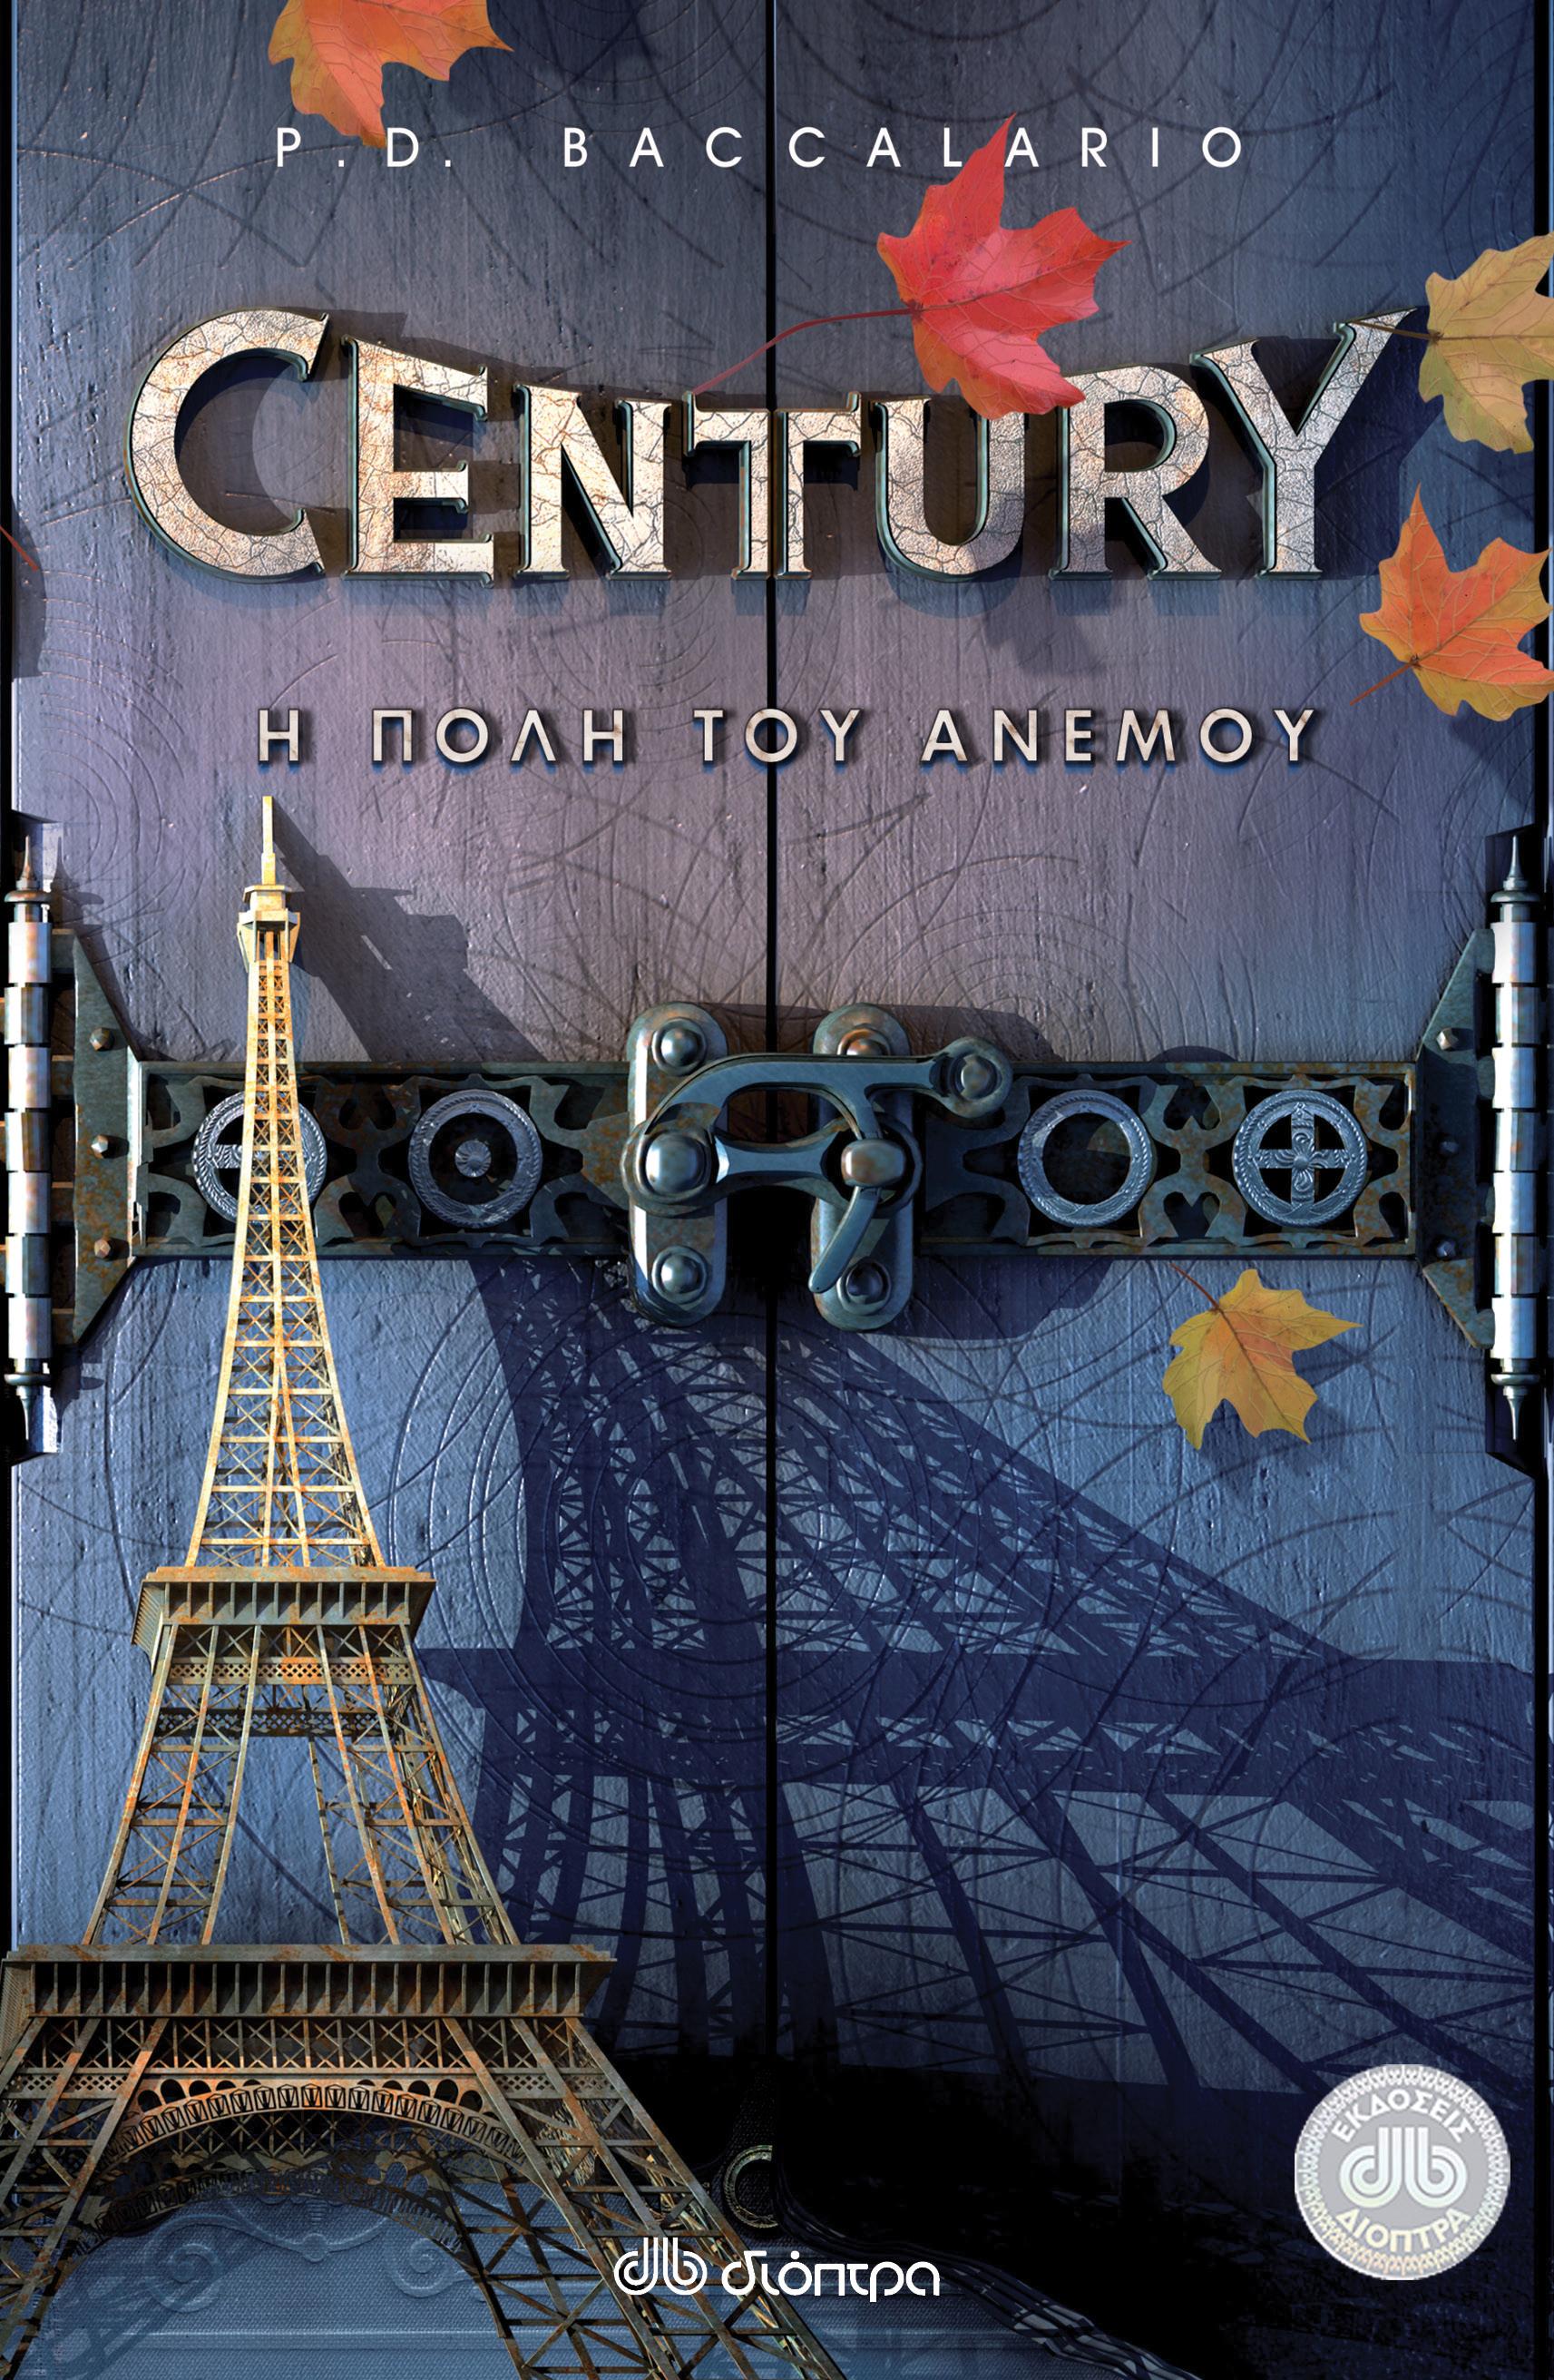 Η Πόλη Του Ανέμου (Century #3)